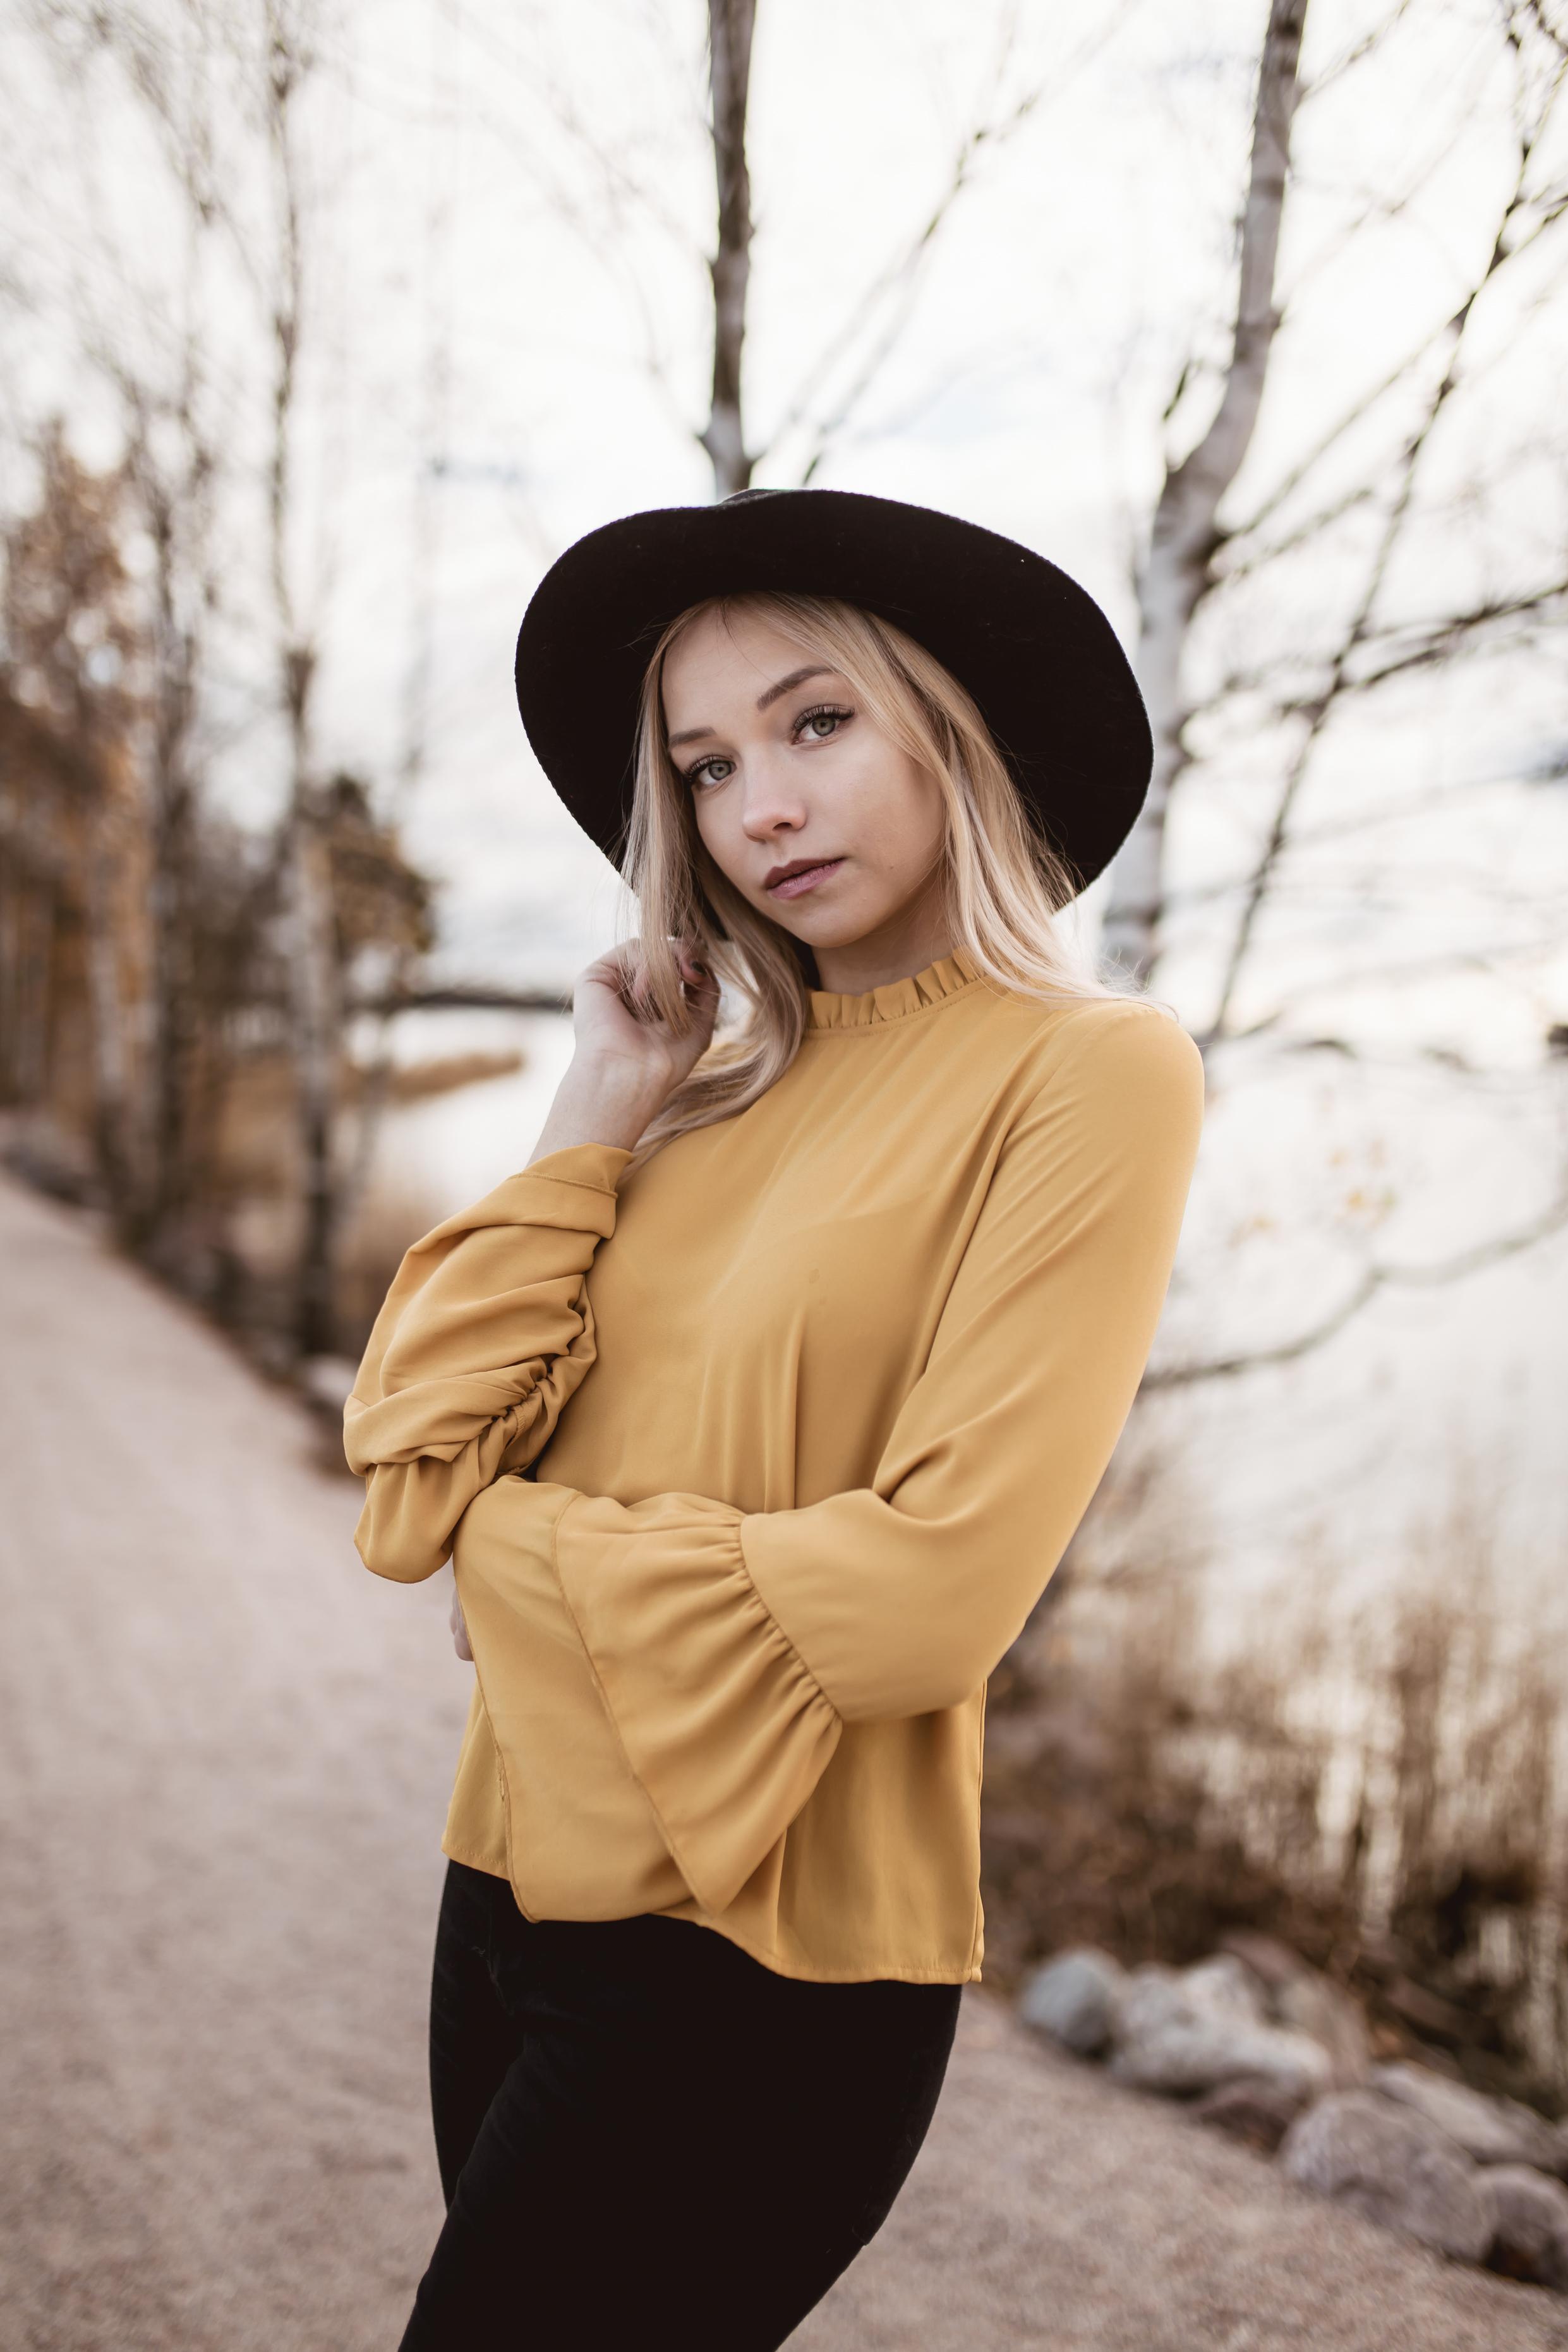 keltaiset röyhelöt